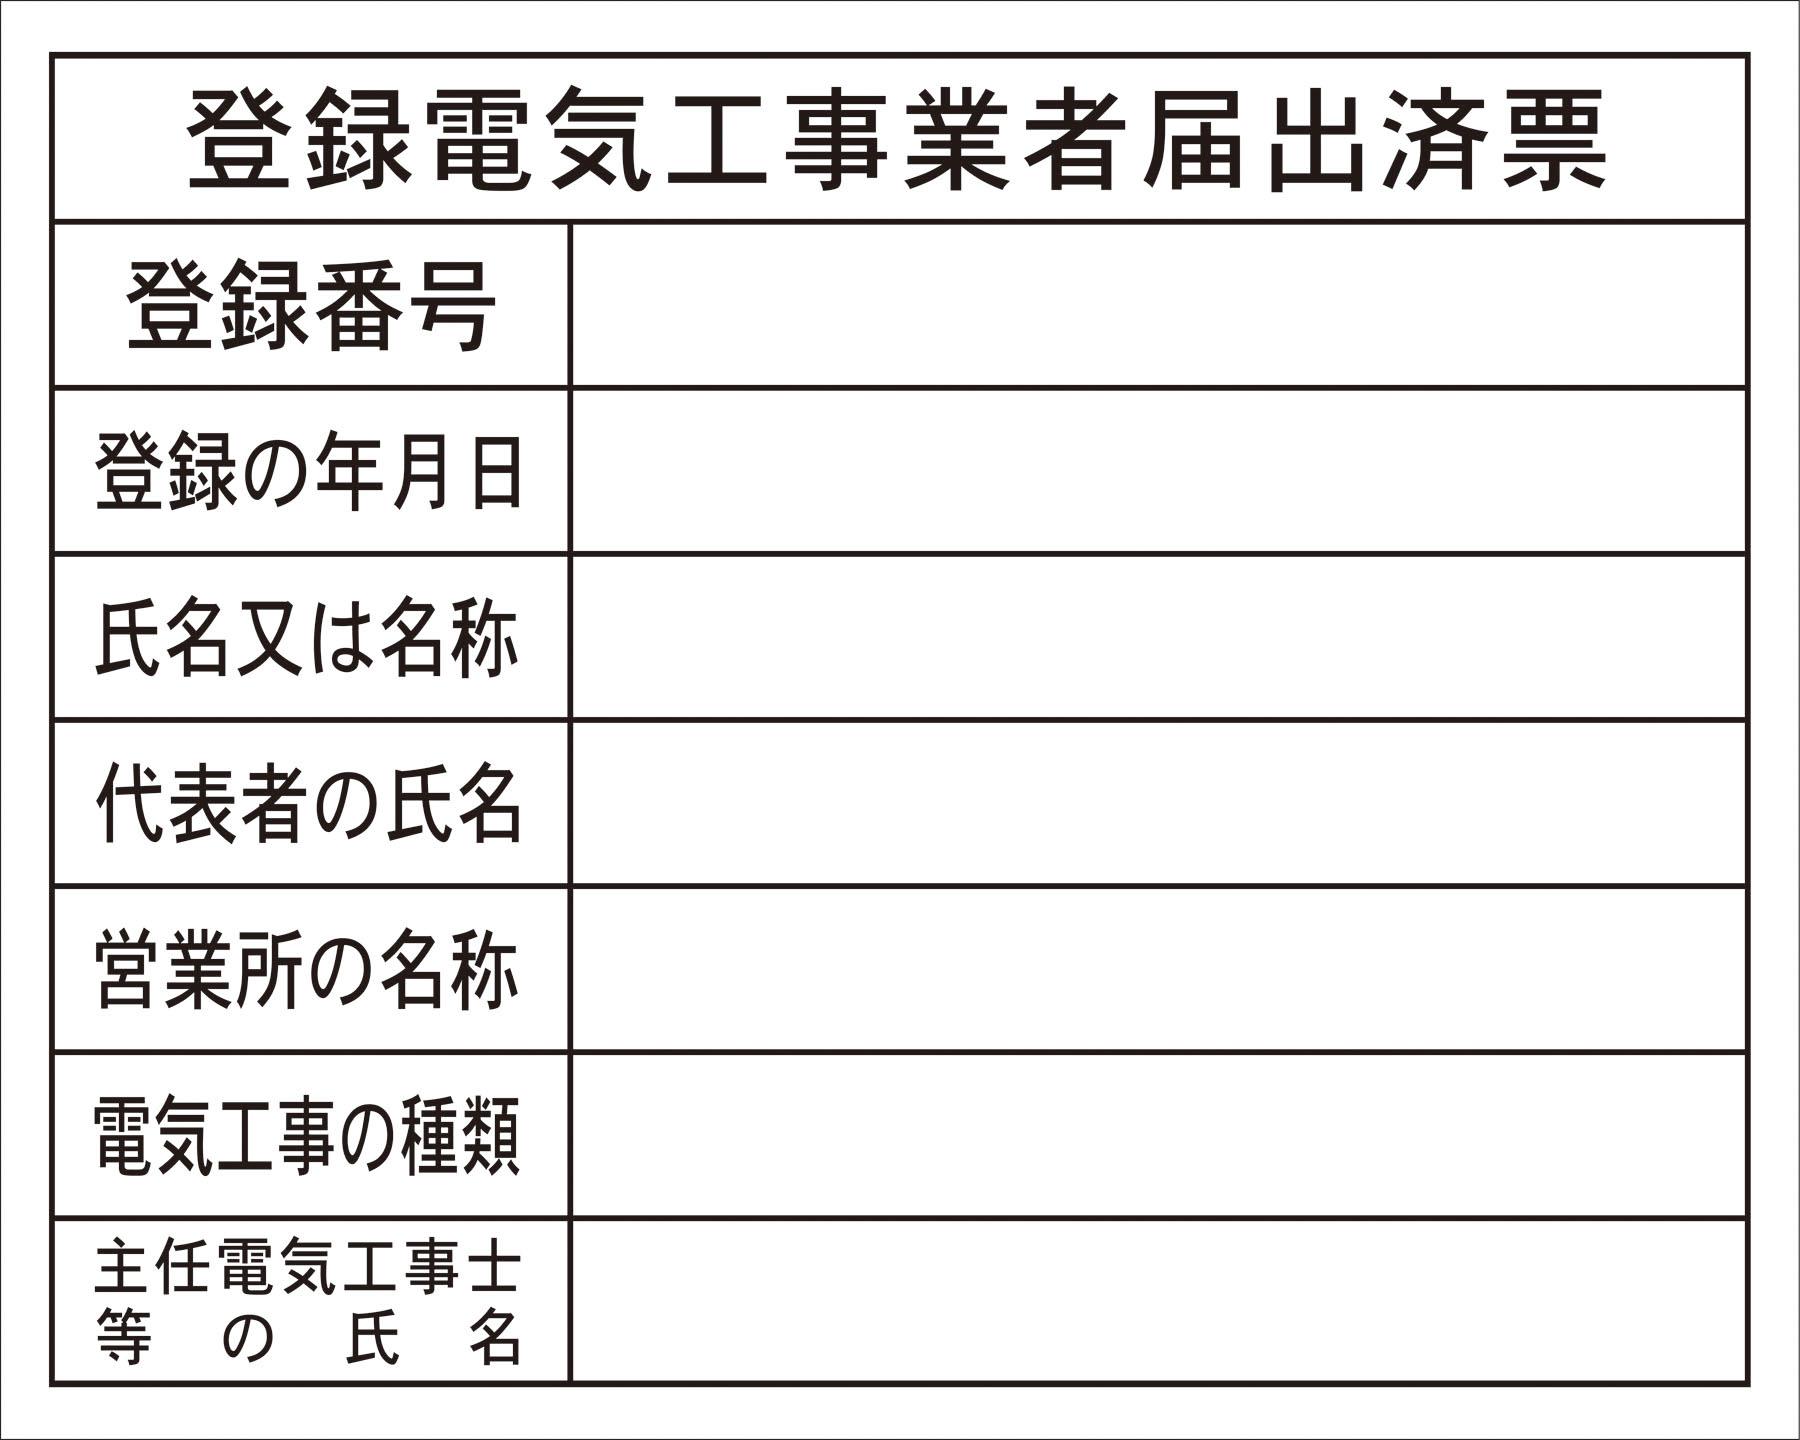 H-11登録電気工事業者届出済票 H400XW500